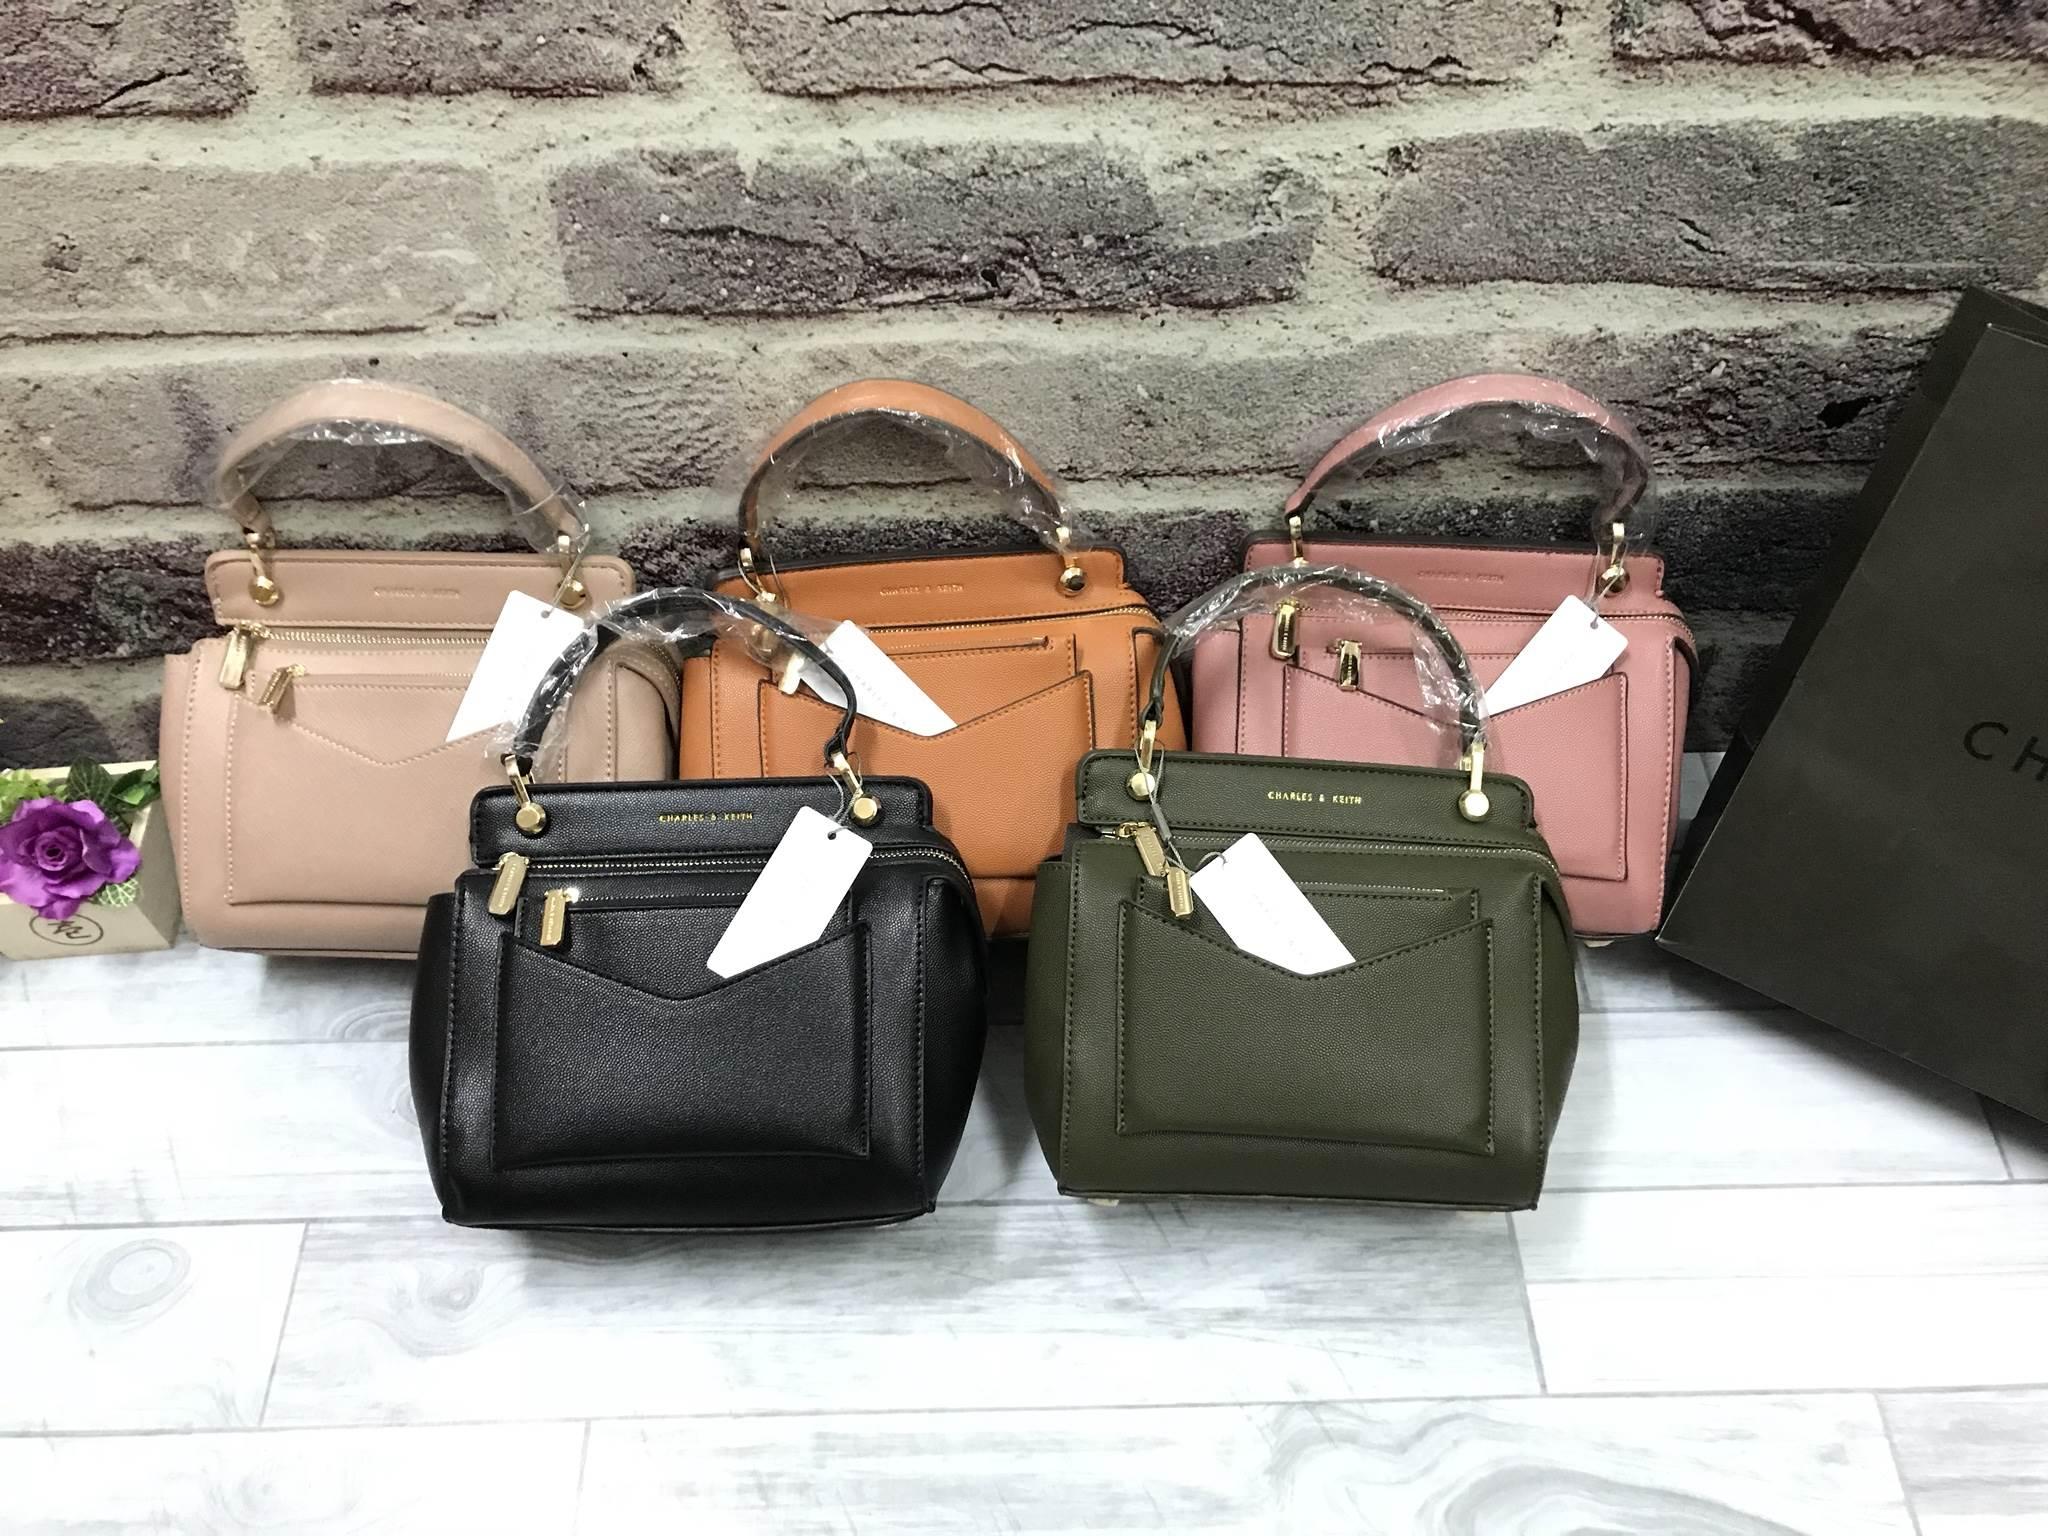 CHARLES & KEITH Small Top Handle Bag